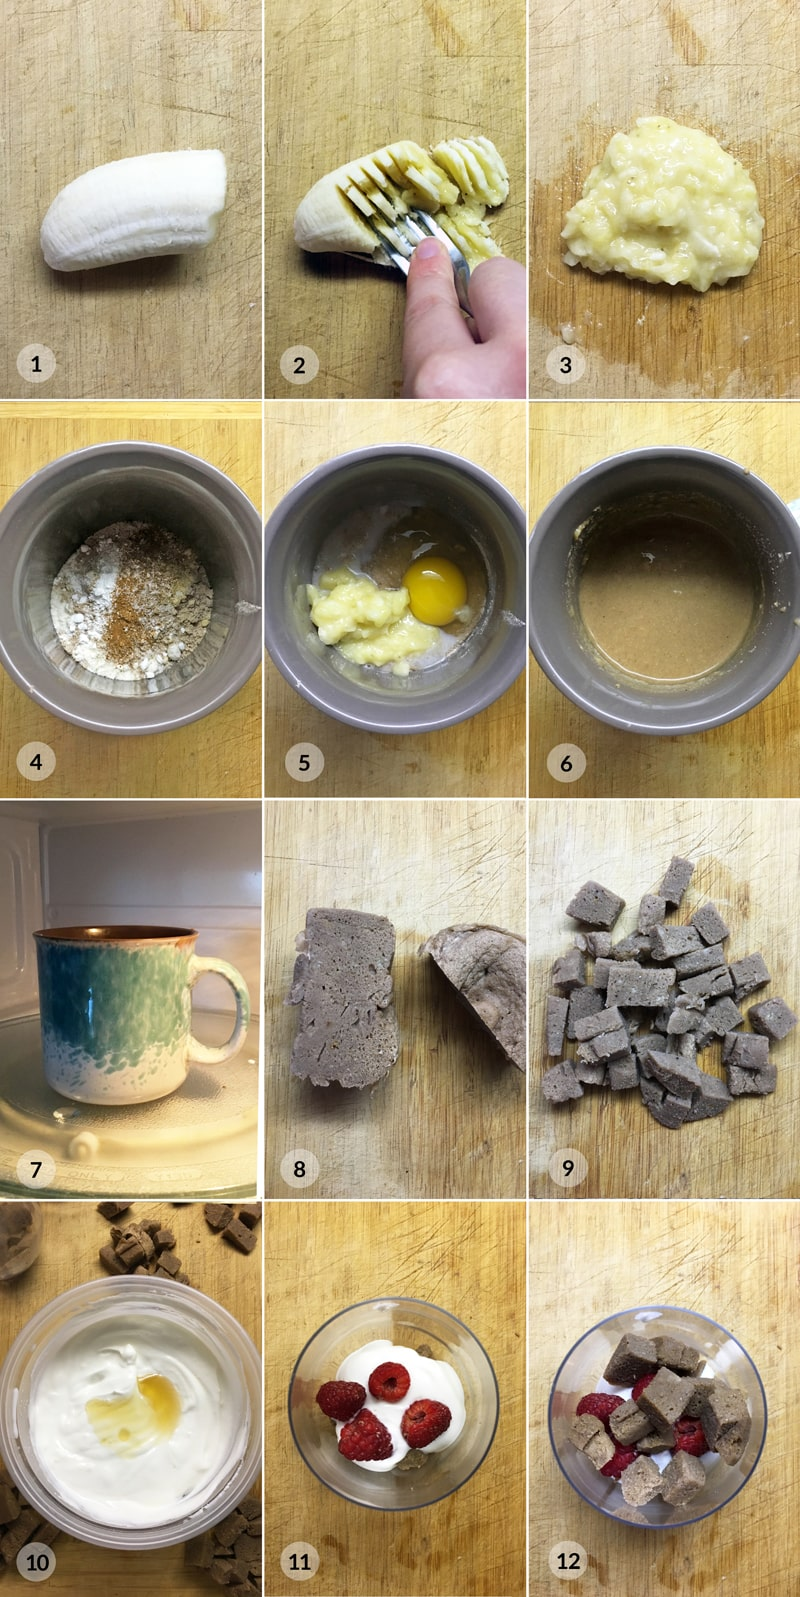 Tvarohový dezert s malinami - postup receptu